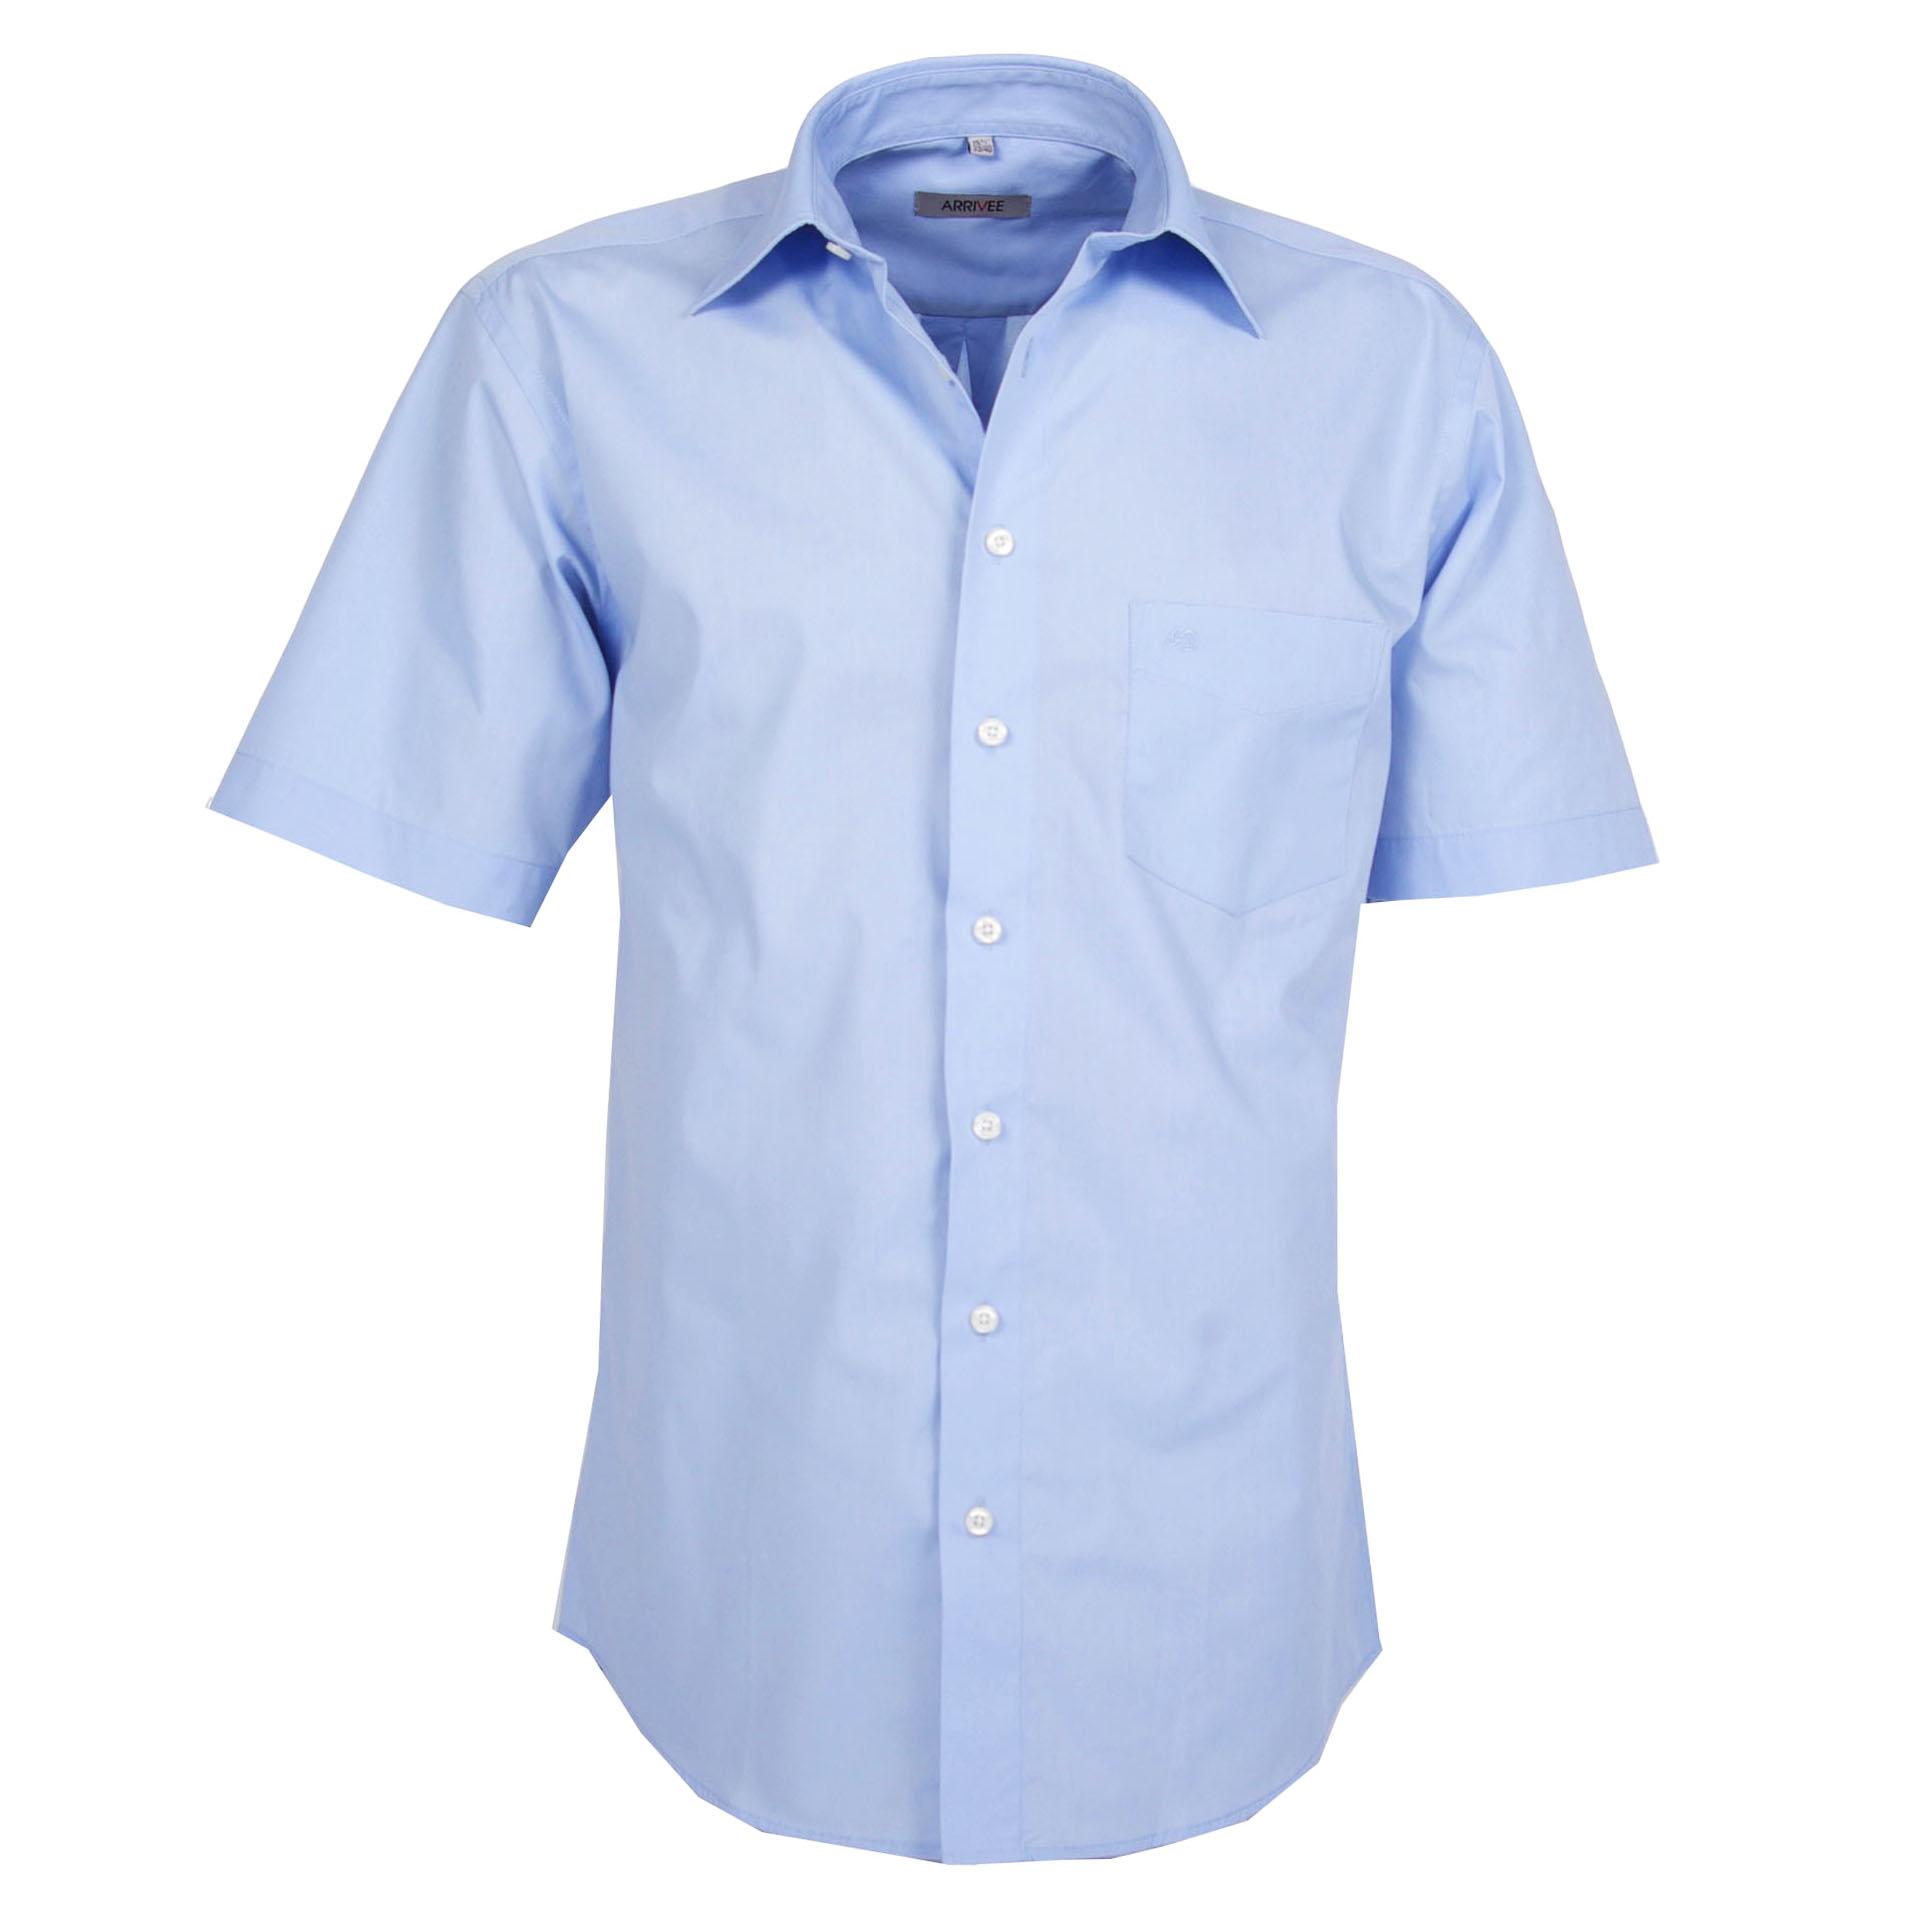 Arrivee Grote Maten Overhemd uni lichtblauw korte mouw